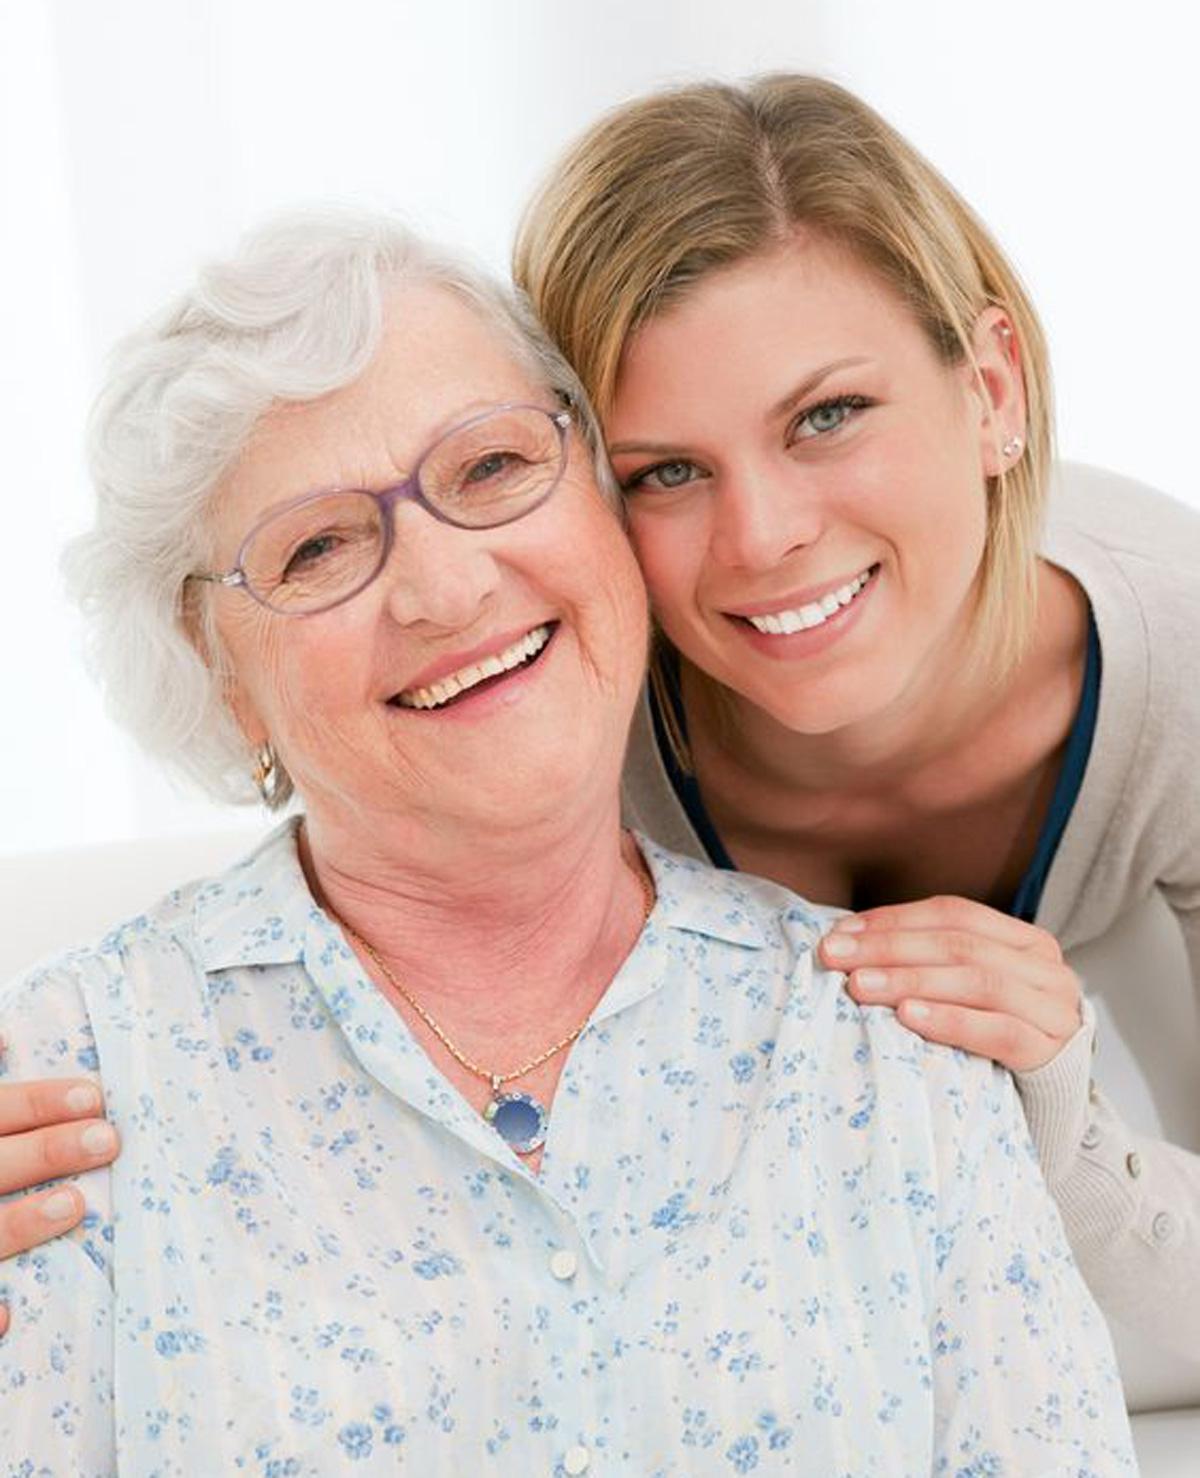 Welke raad heb jij van jouw oma of moeder meegekregen?